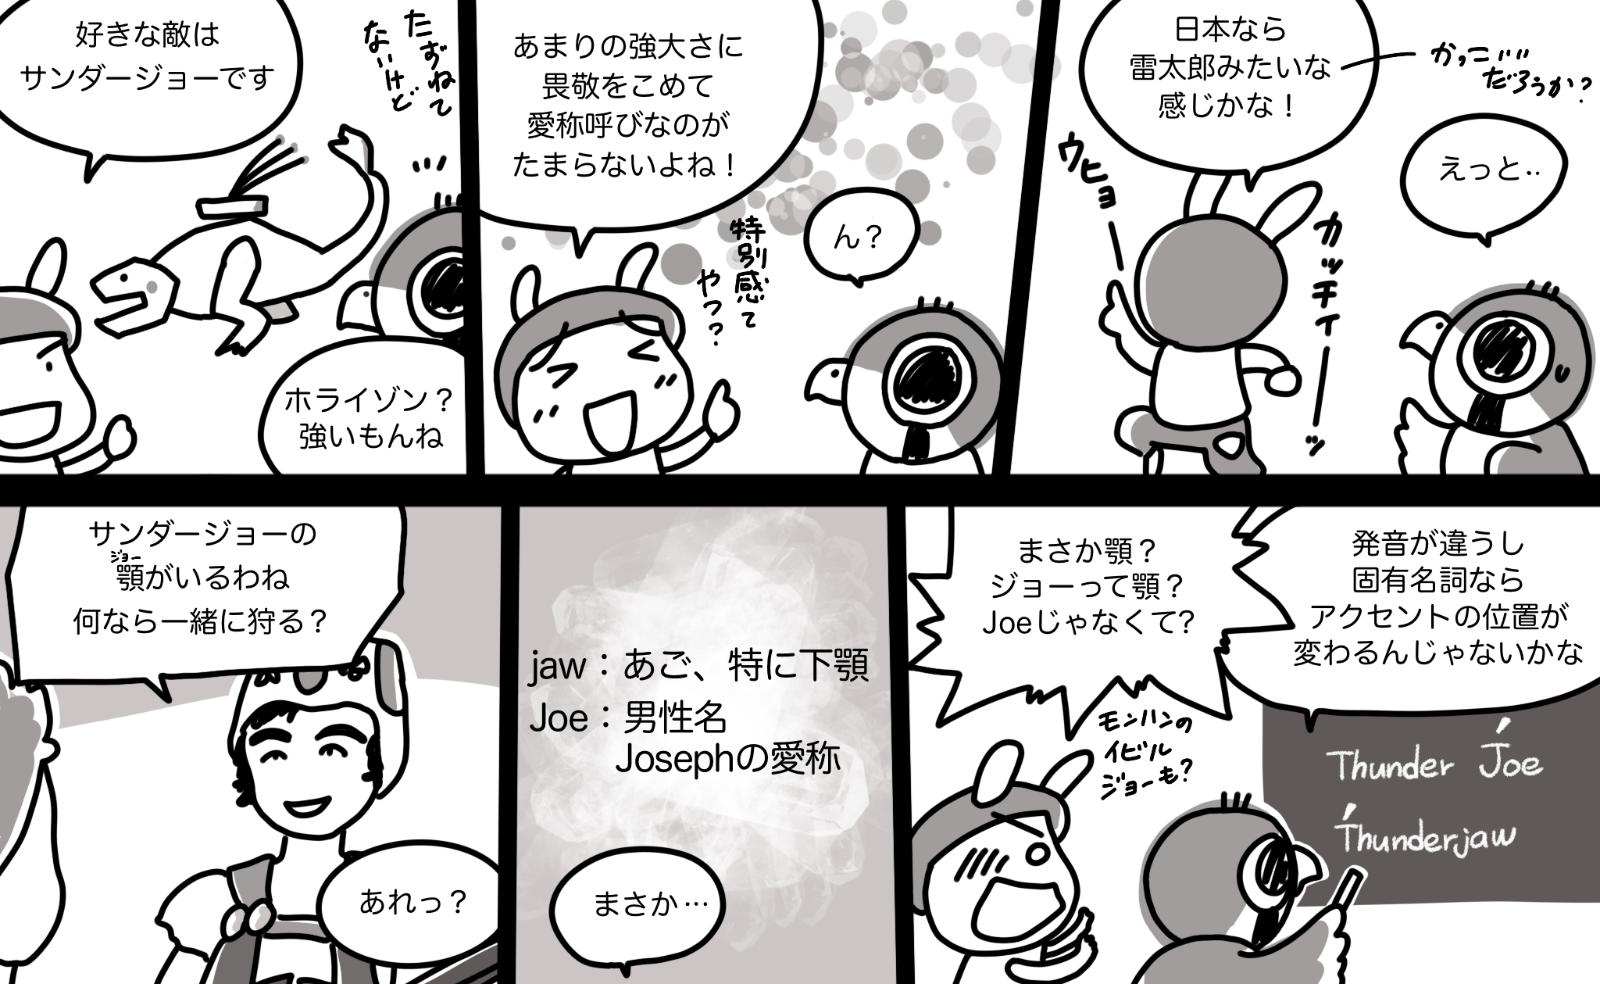 ホライゾン漫画日記:そりゃないぜジョー!